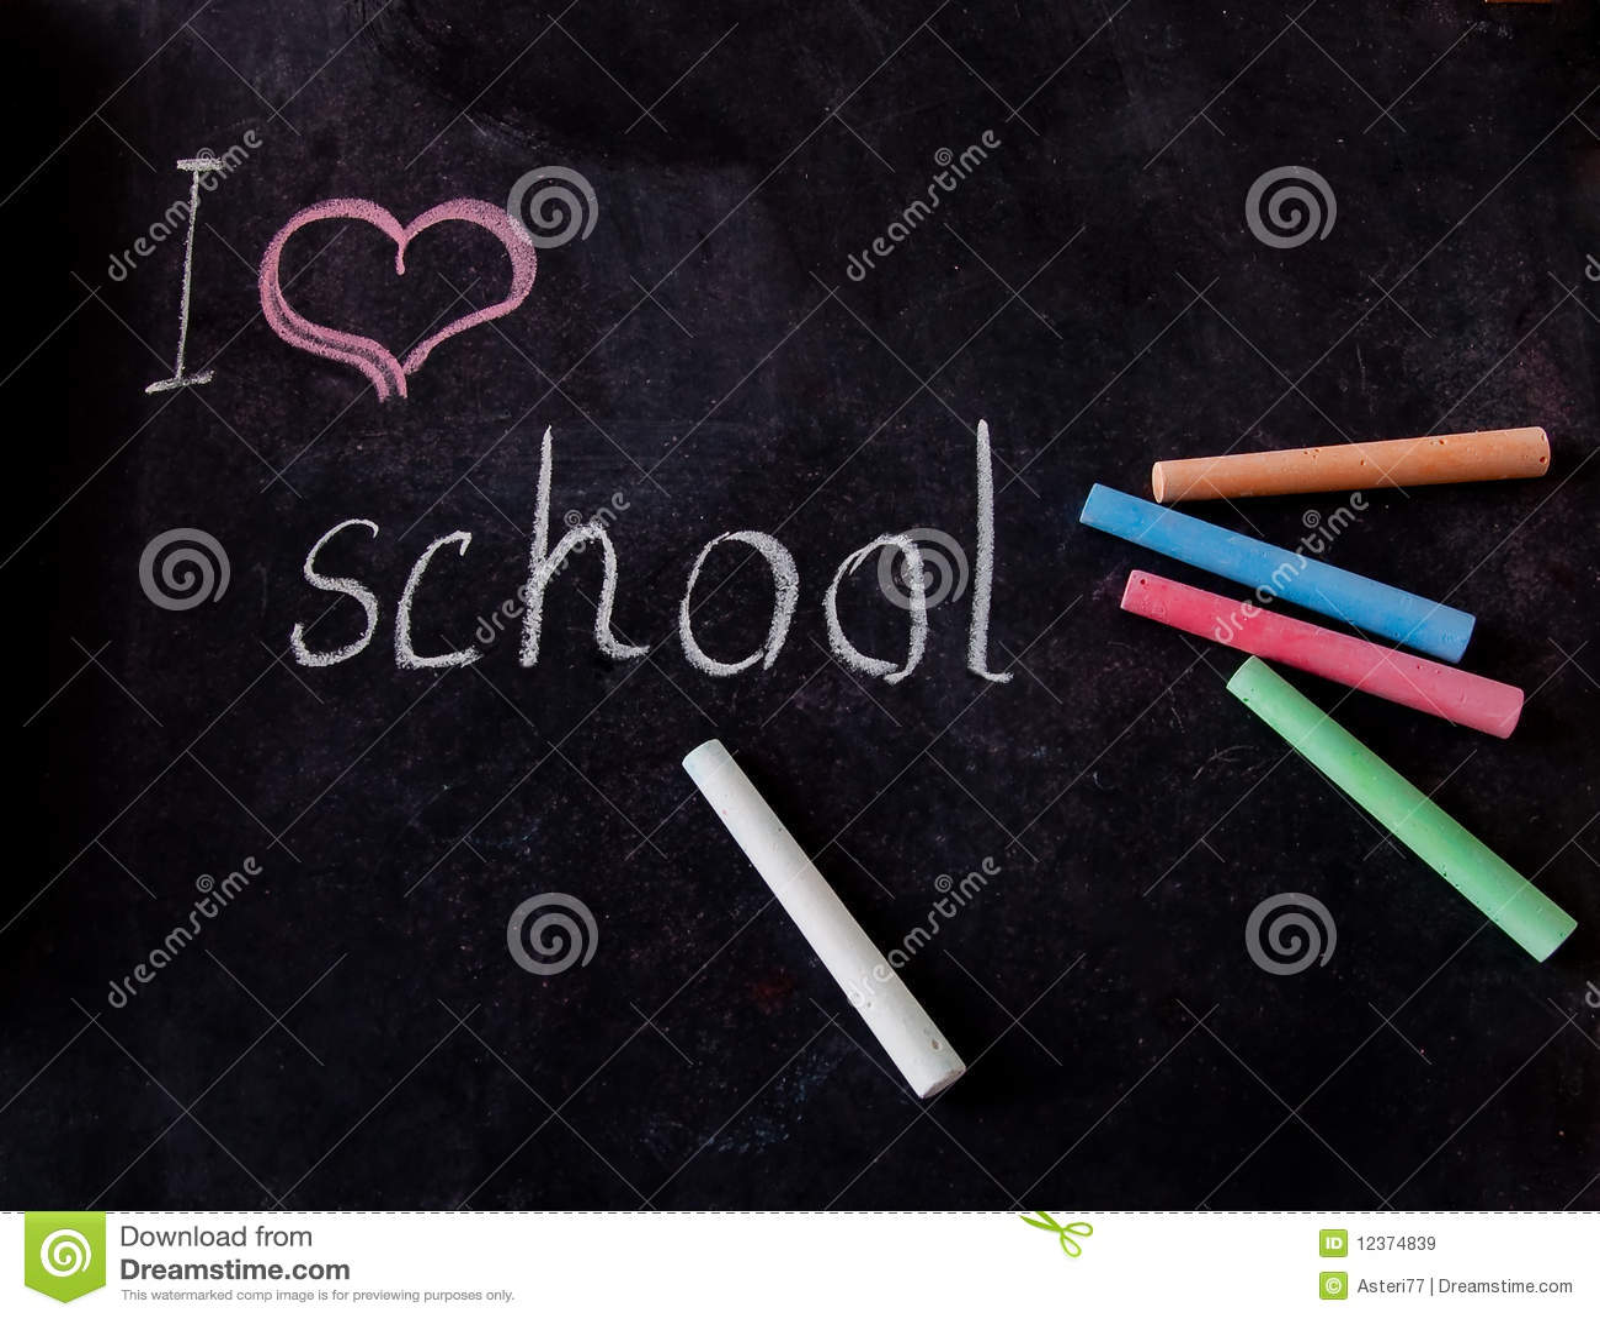 ich liebe die schule - photo #2